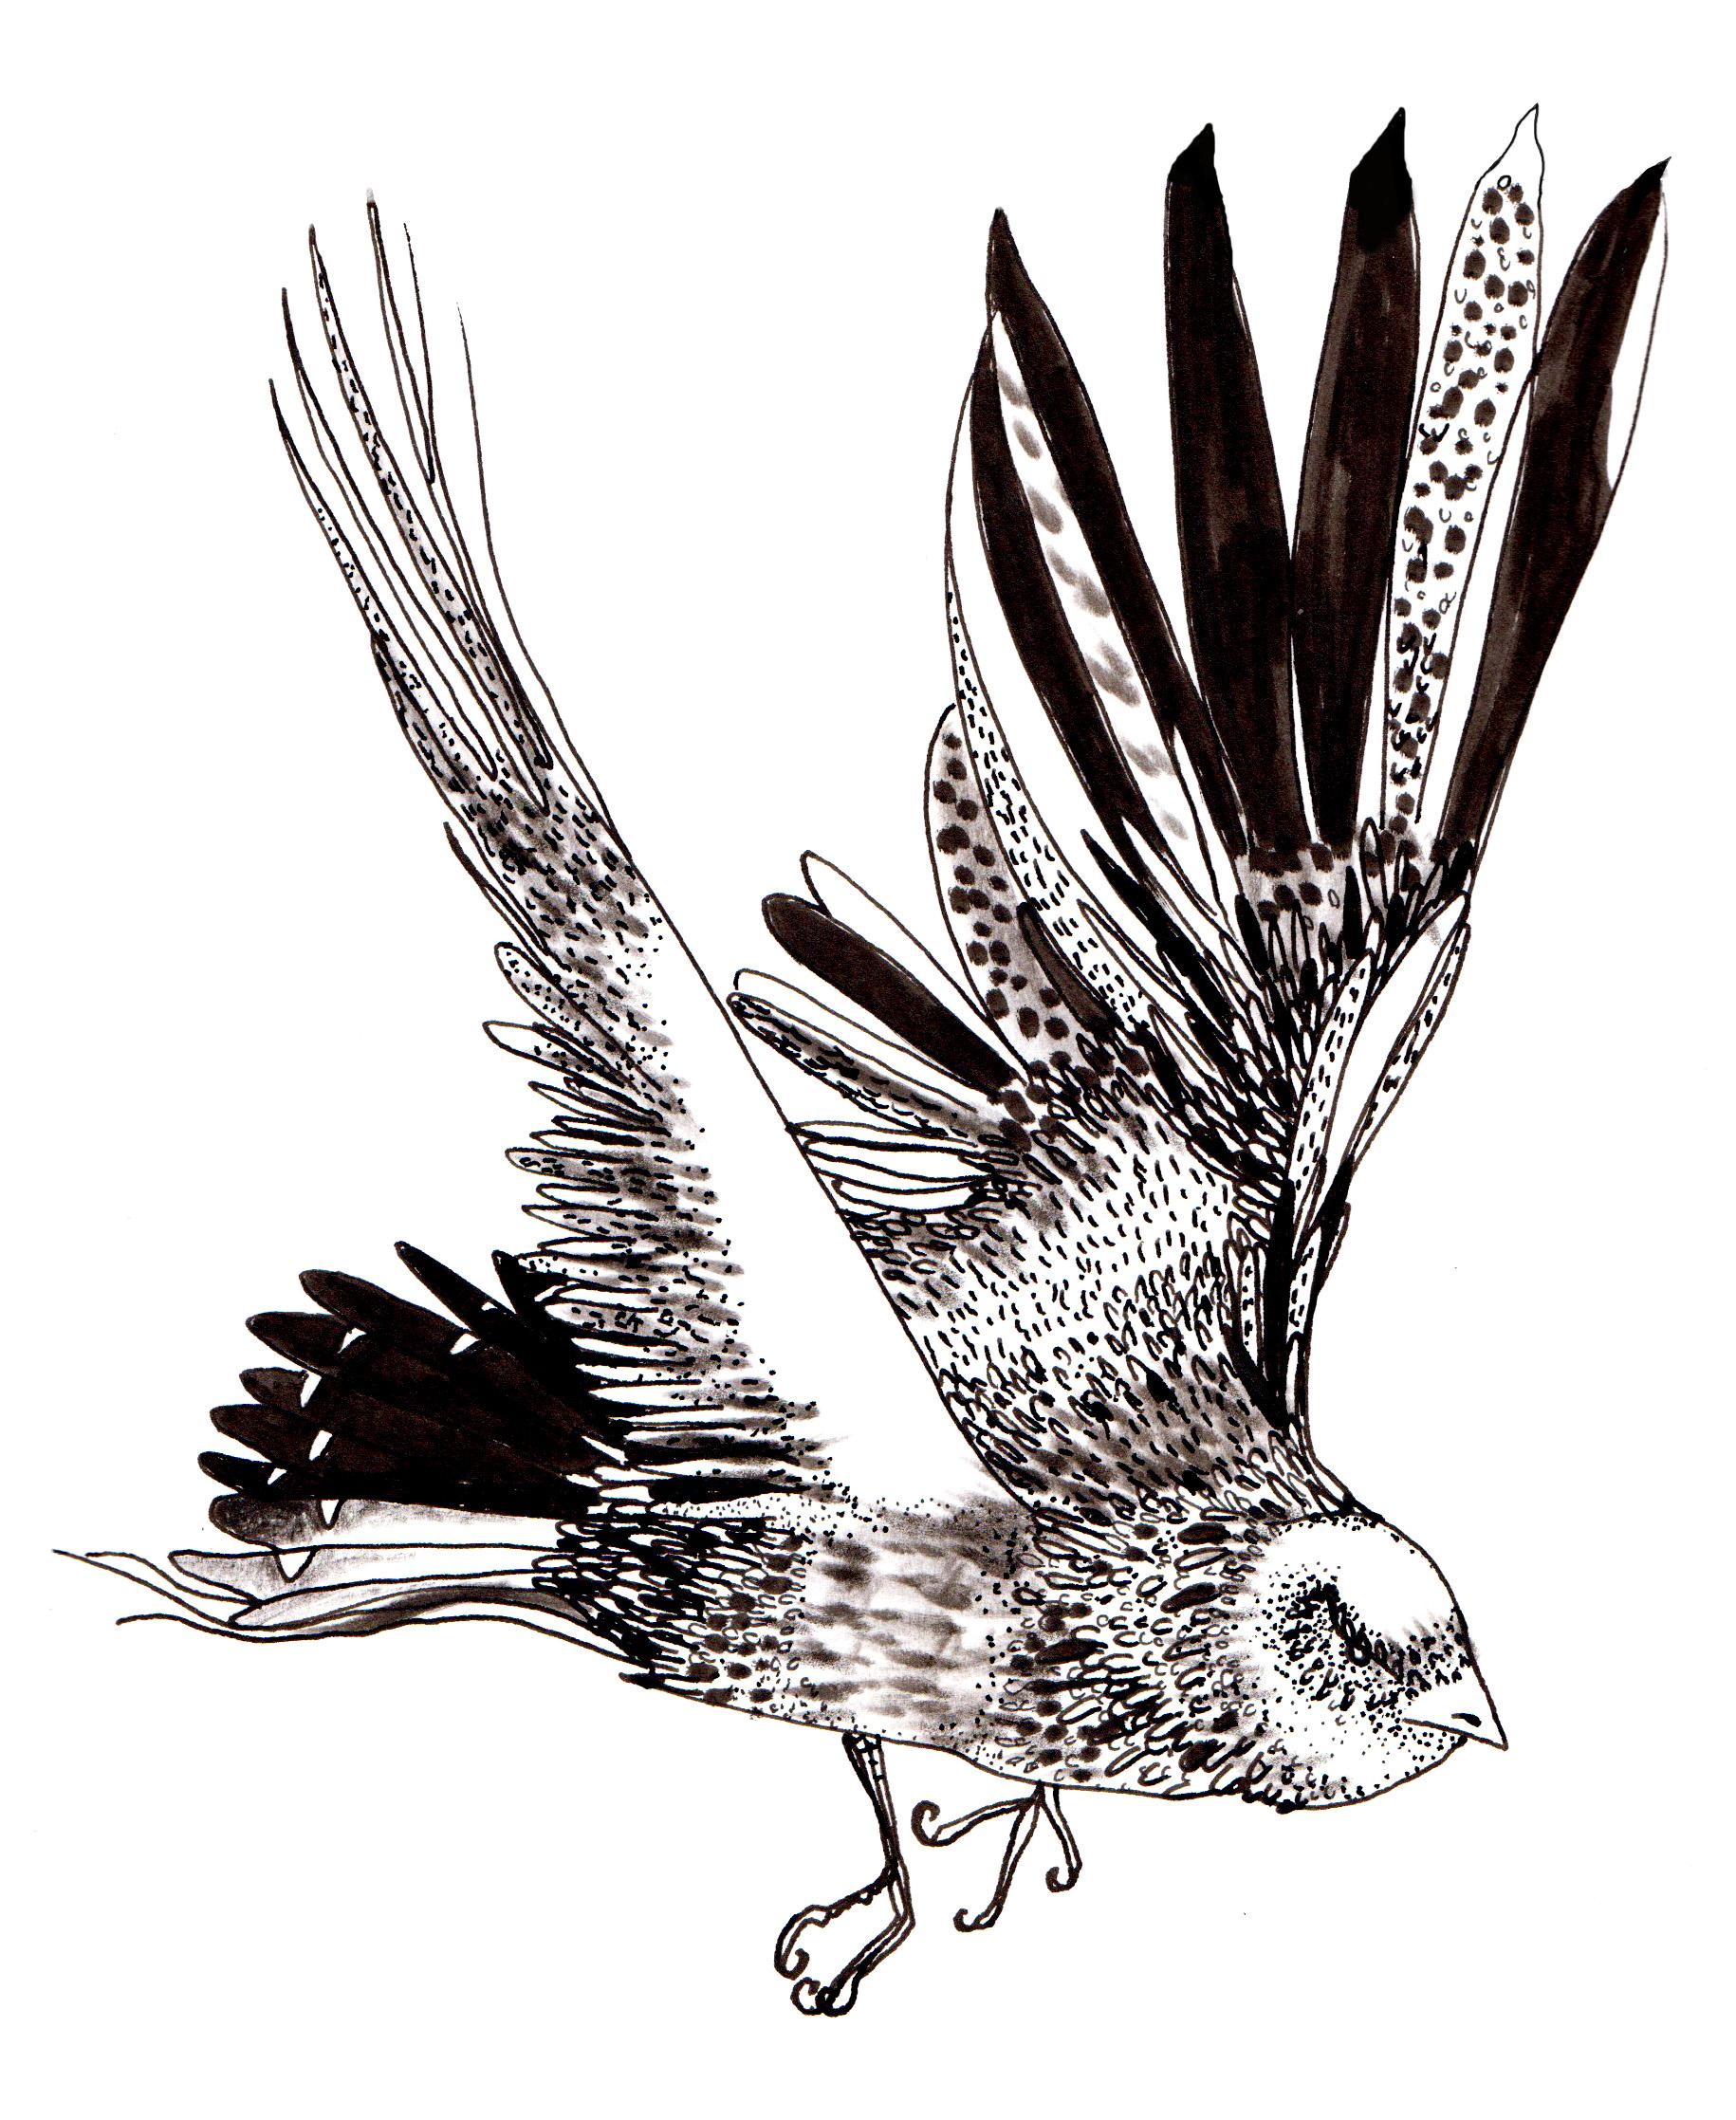 Bird 1 edit 1